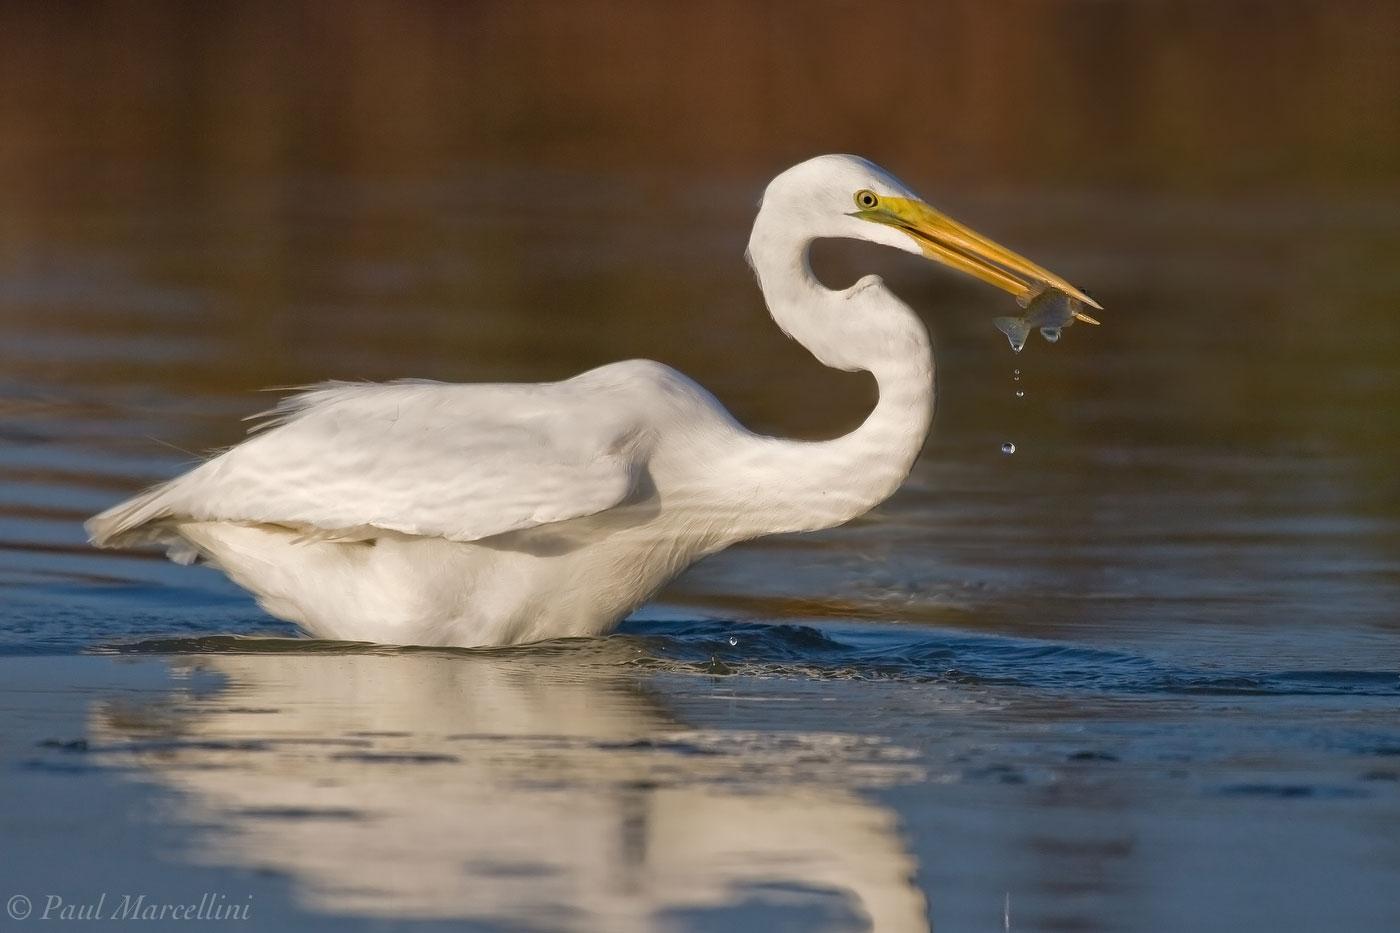 Ardea alba, great egret, photo